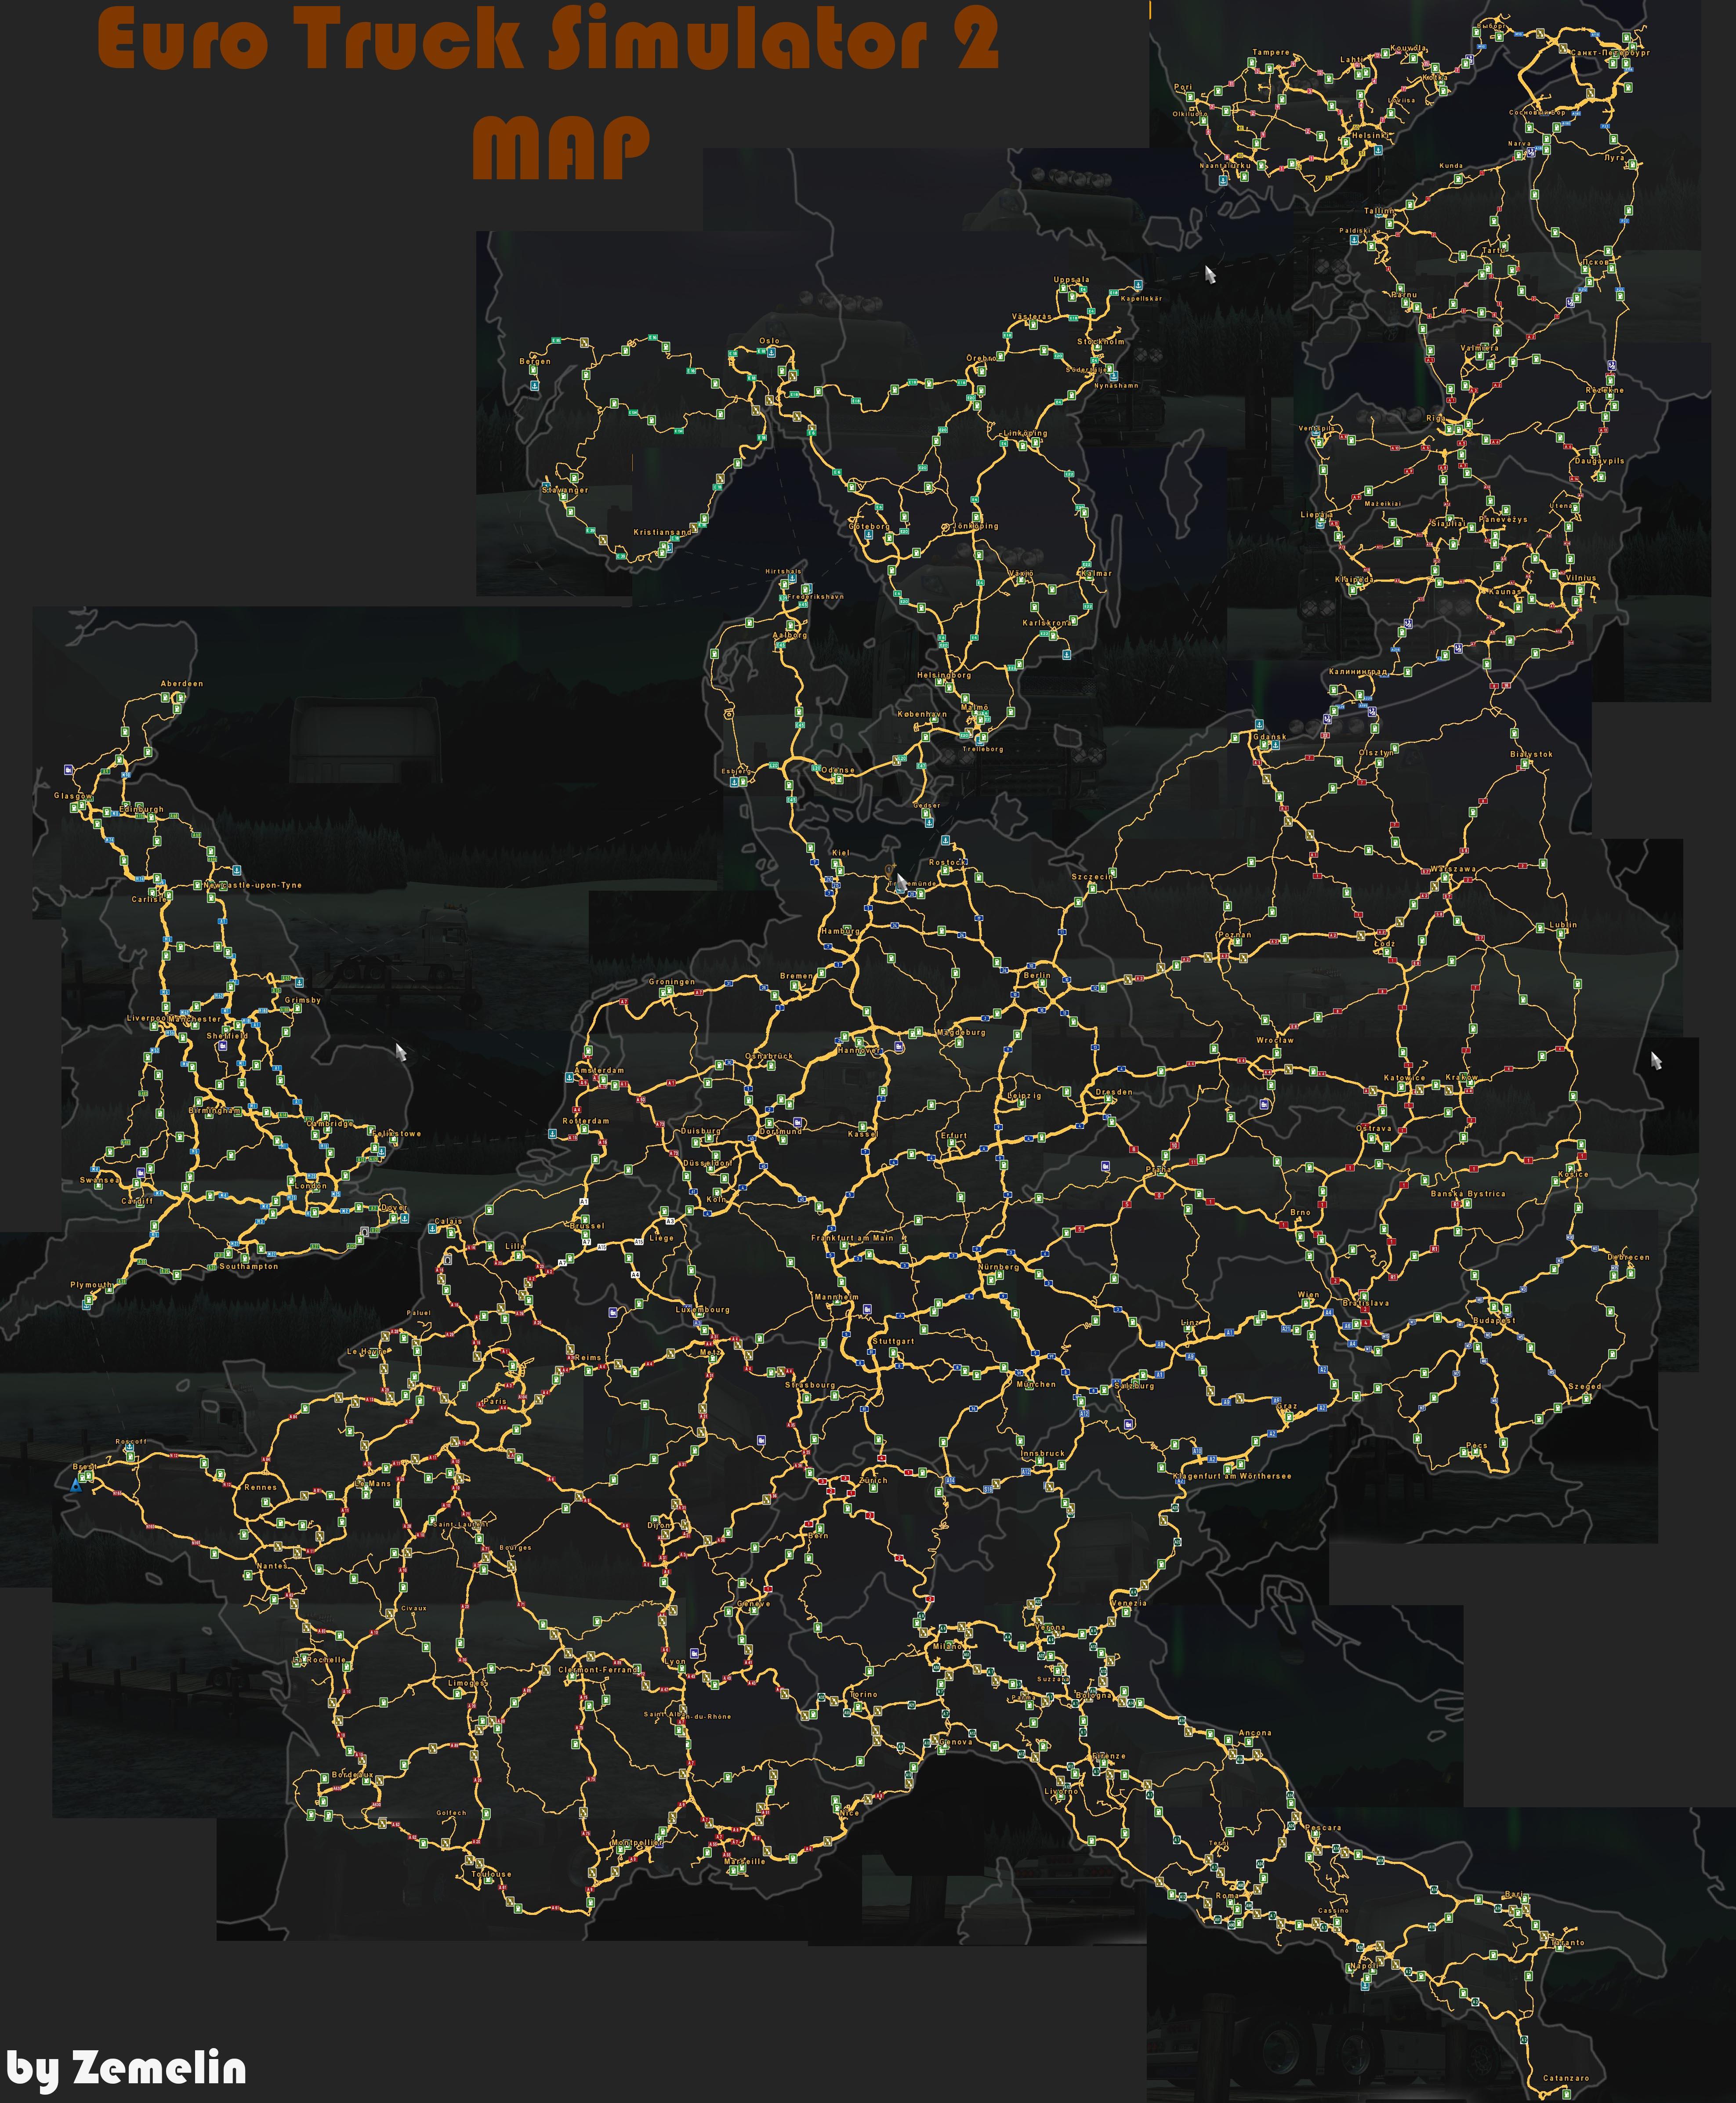 Mod Ets2 Map Jowo V7 : Dėlionė, Gamintojas, Molis, Axial-natura.com